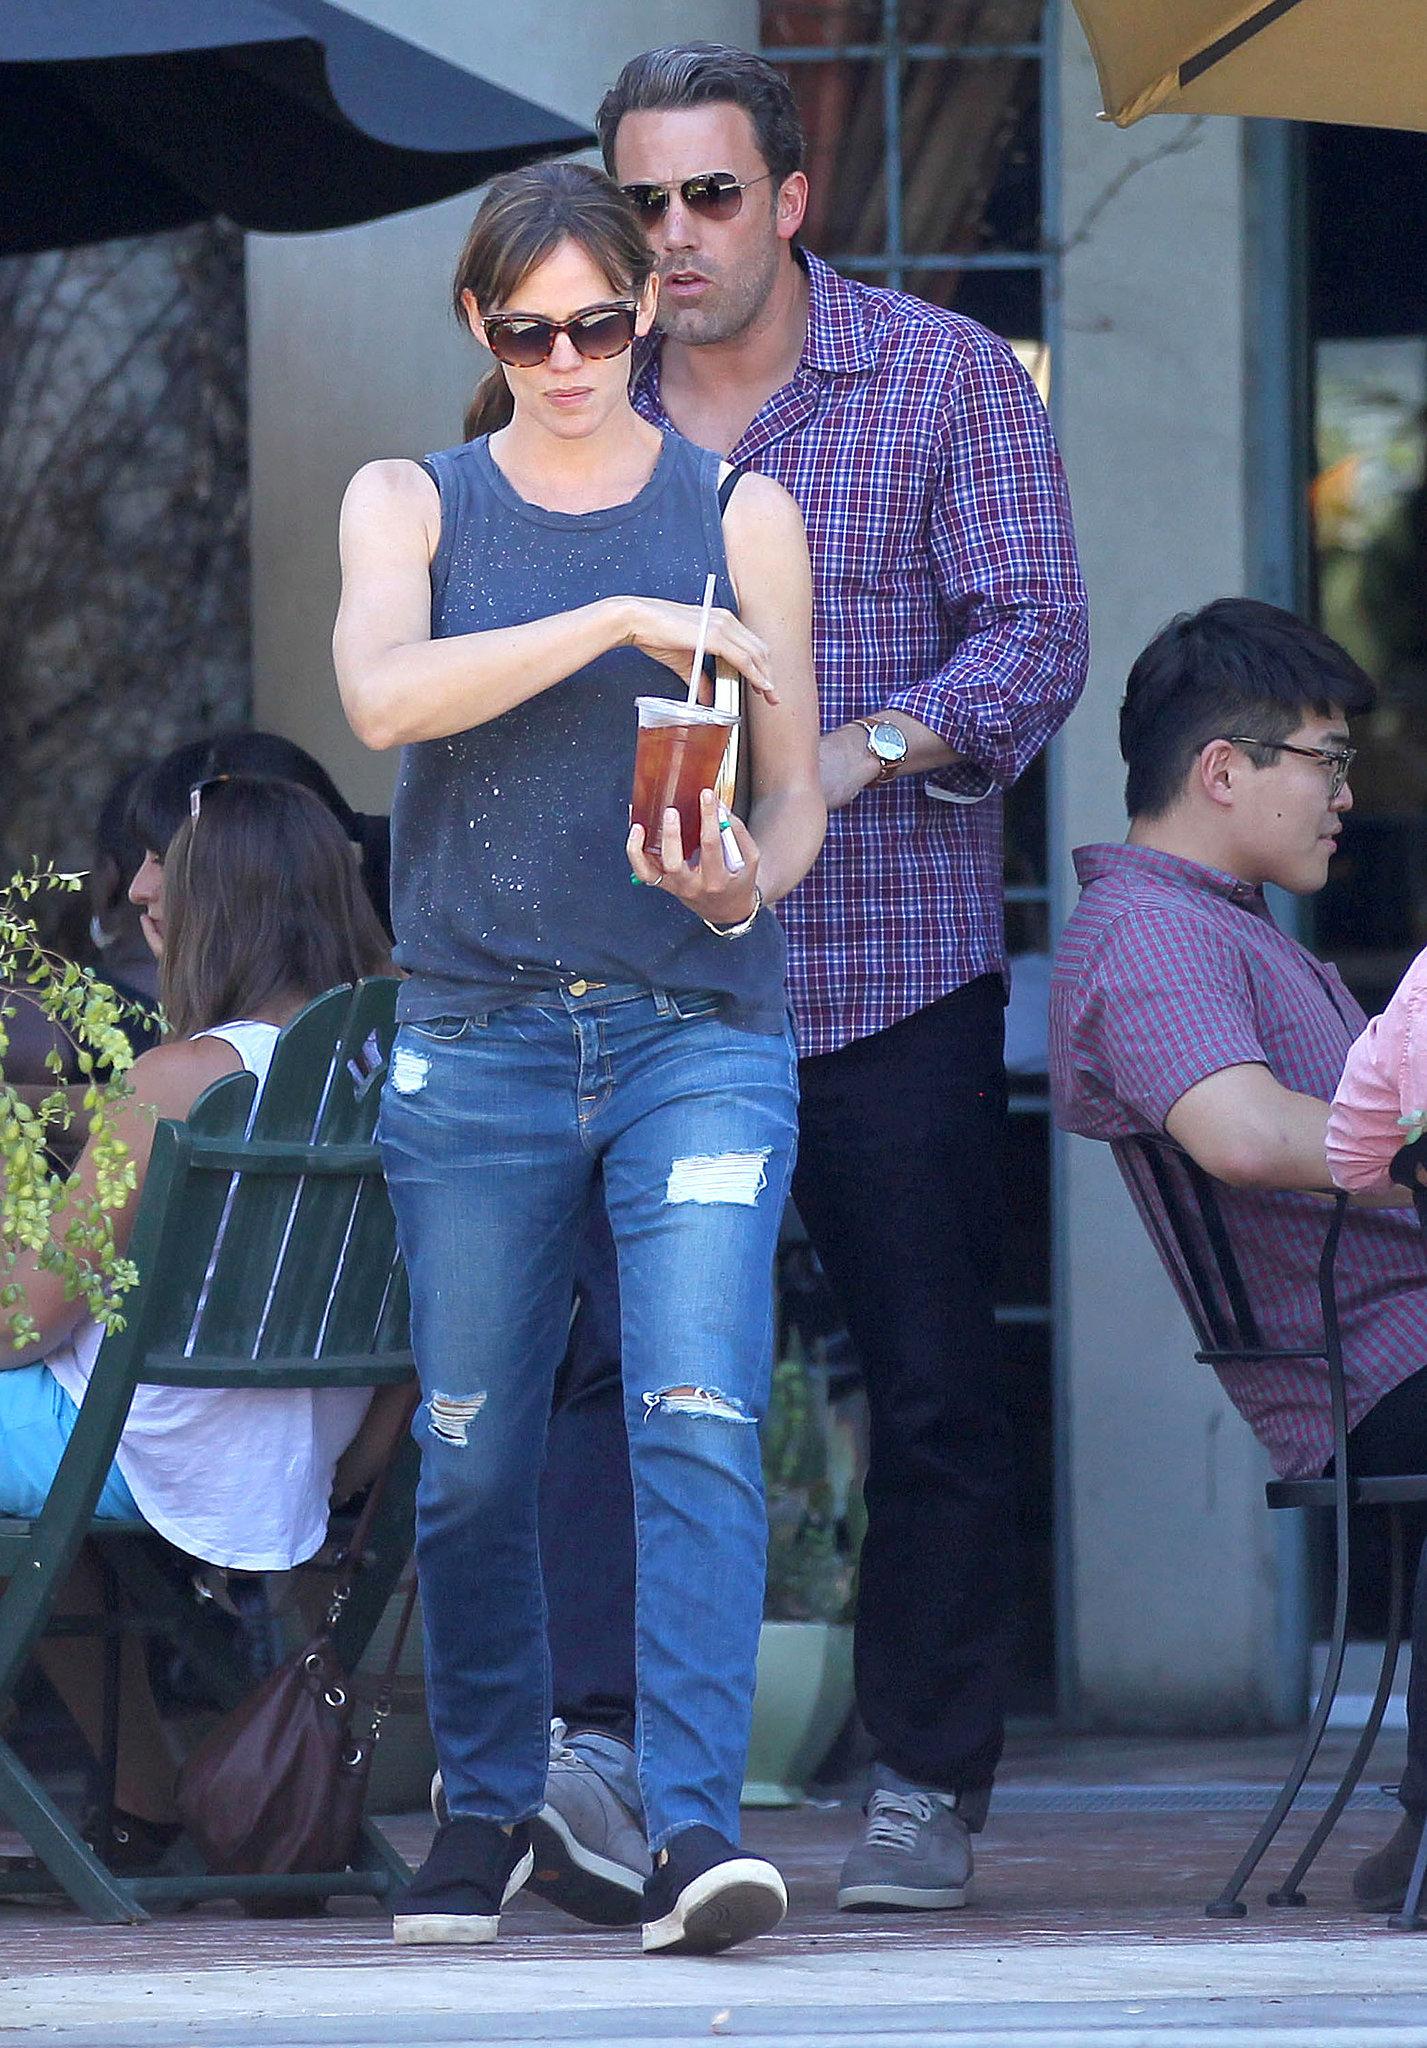 Jennifer Garner and Ben Affleck grabbed some cold beverages in LA's Brentwood area on Sunday.